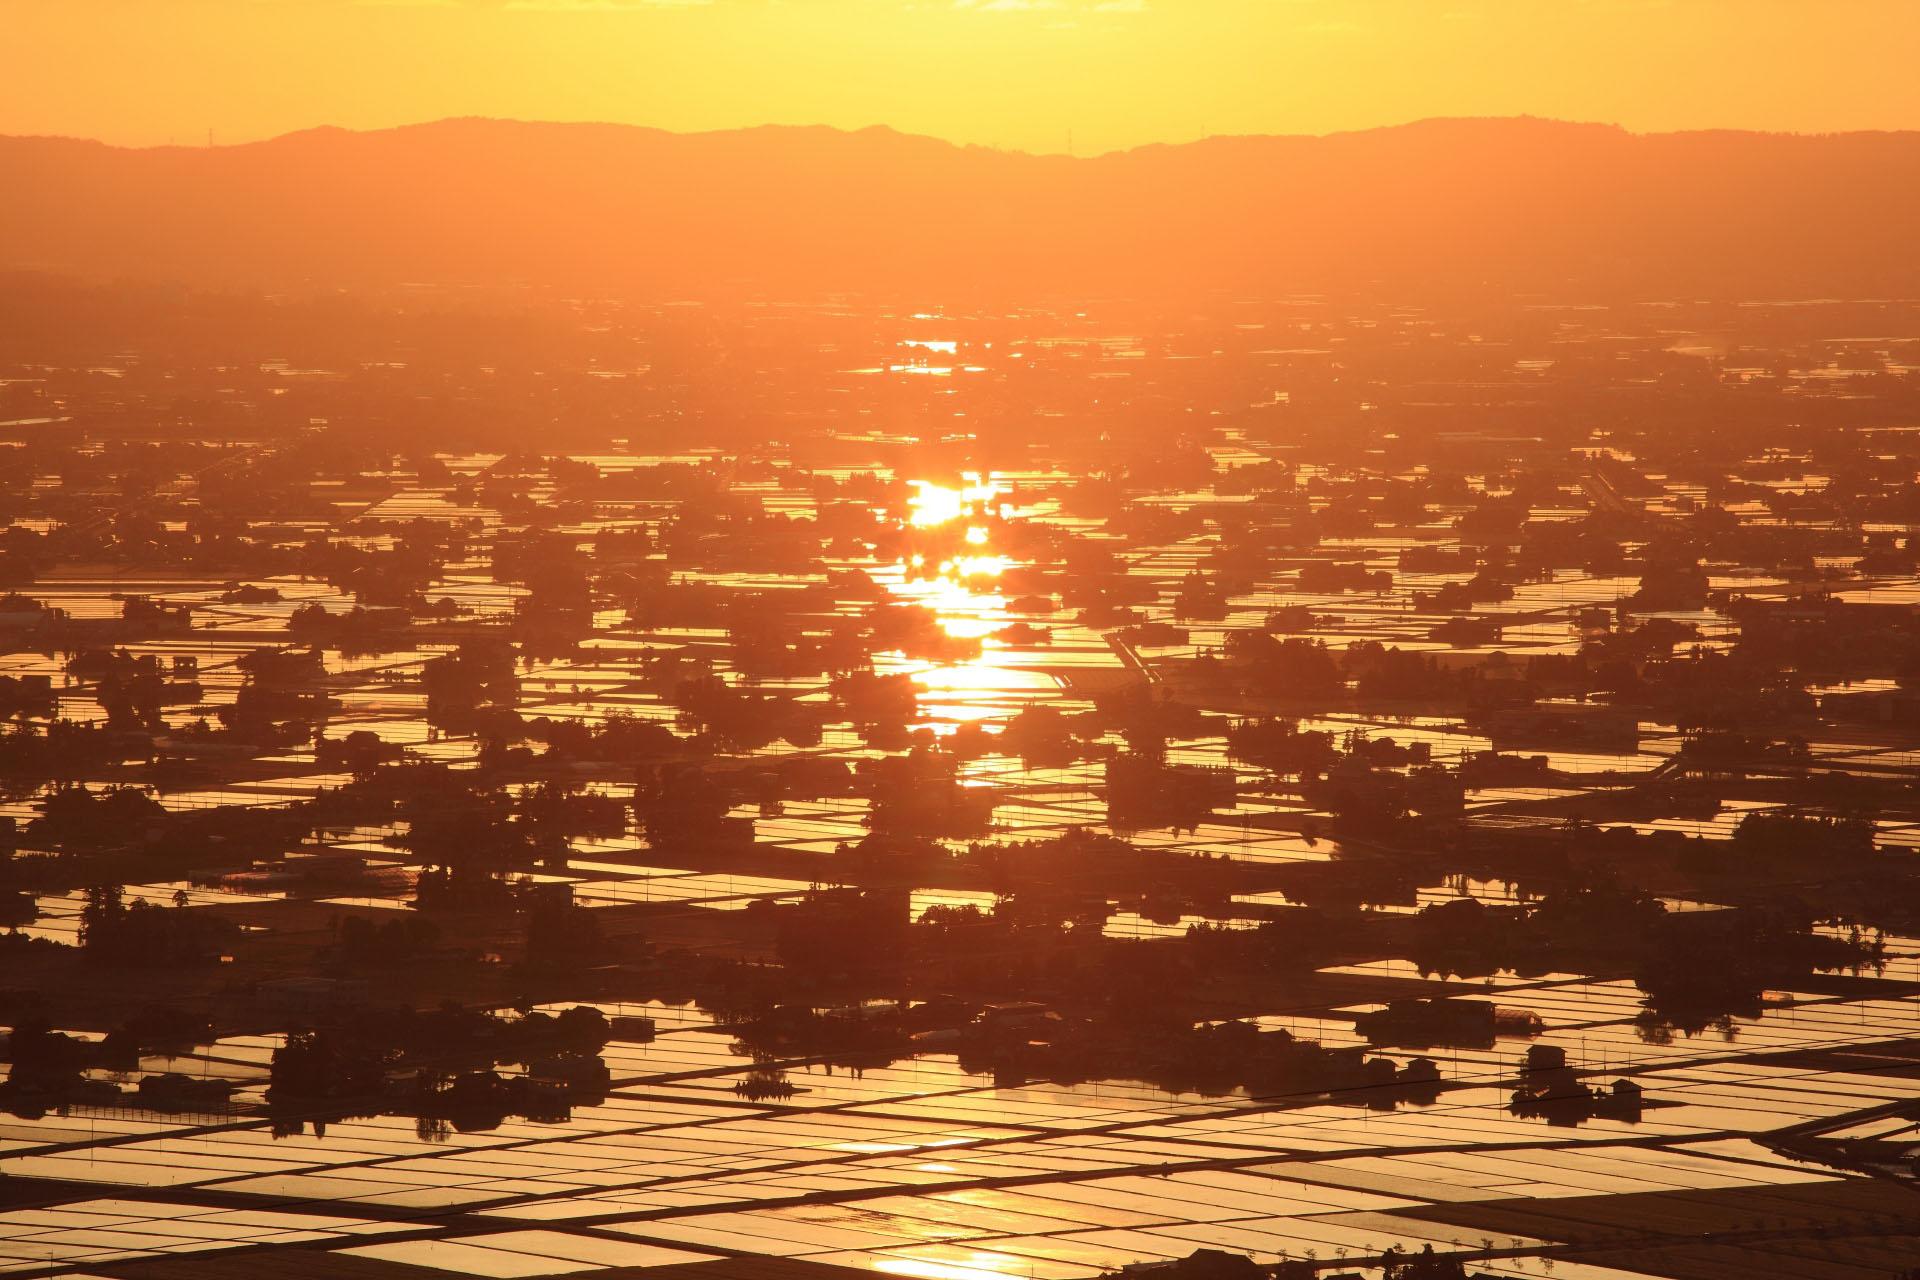 砺波平野 散居村の夕日 富山の風景